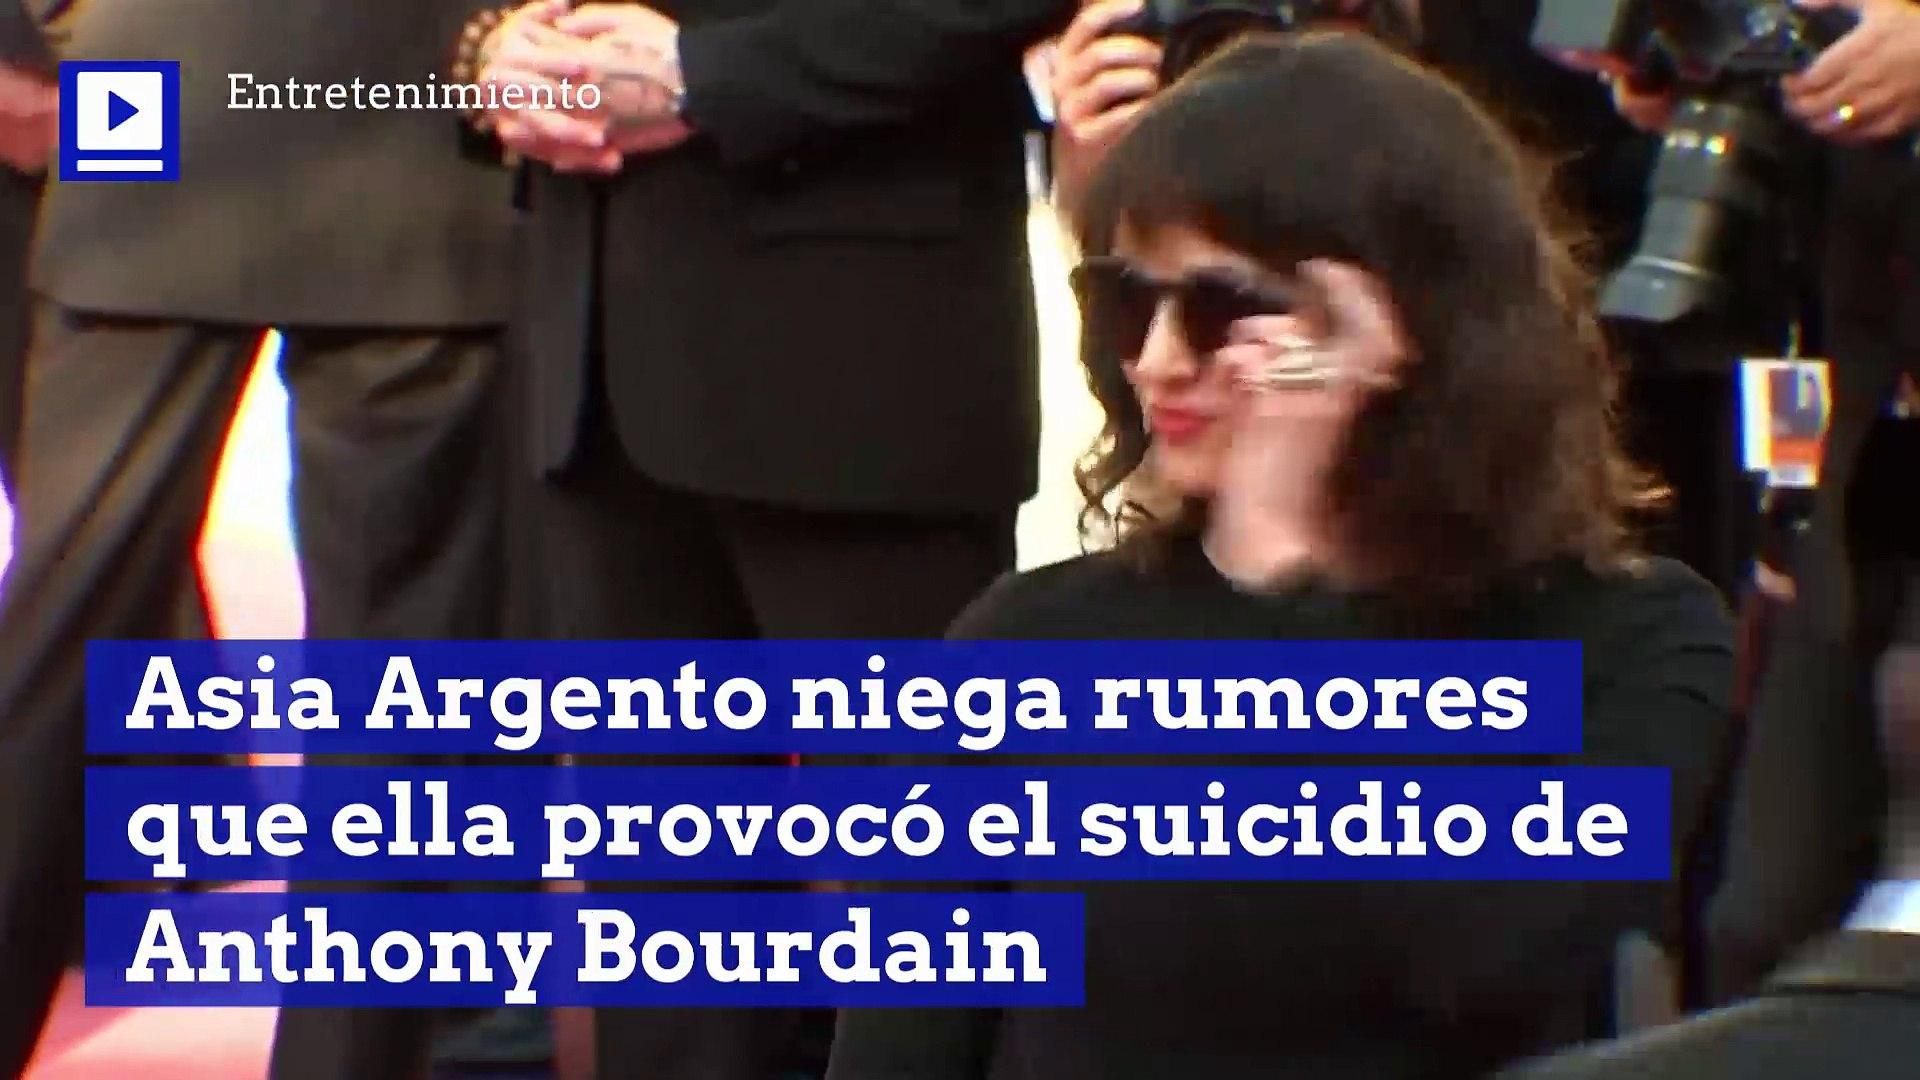 Asia Argento niega rumores que ella provocó el suicidio de Anthony Bourdain